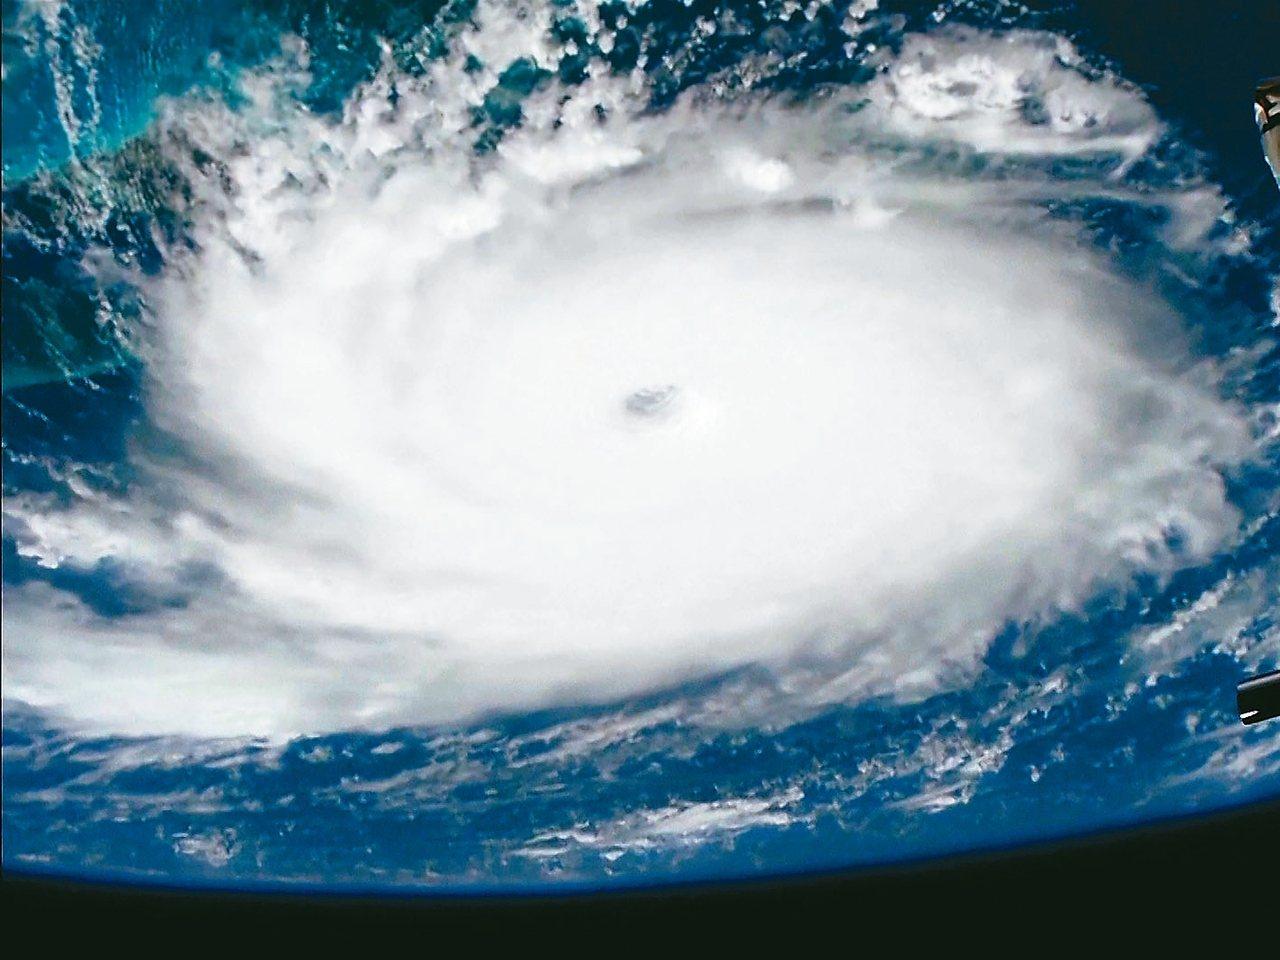 衛星雲圖顯示,颶風多利安的暴風範圍廣大,對美國東南沿海造成威脅。 美聯社